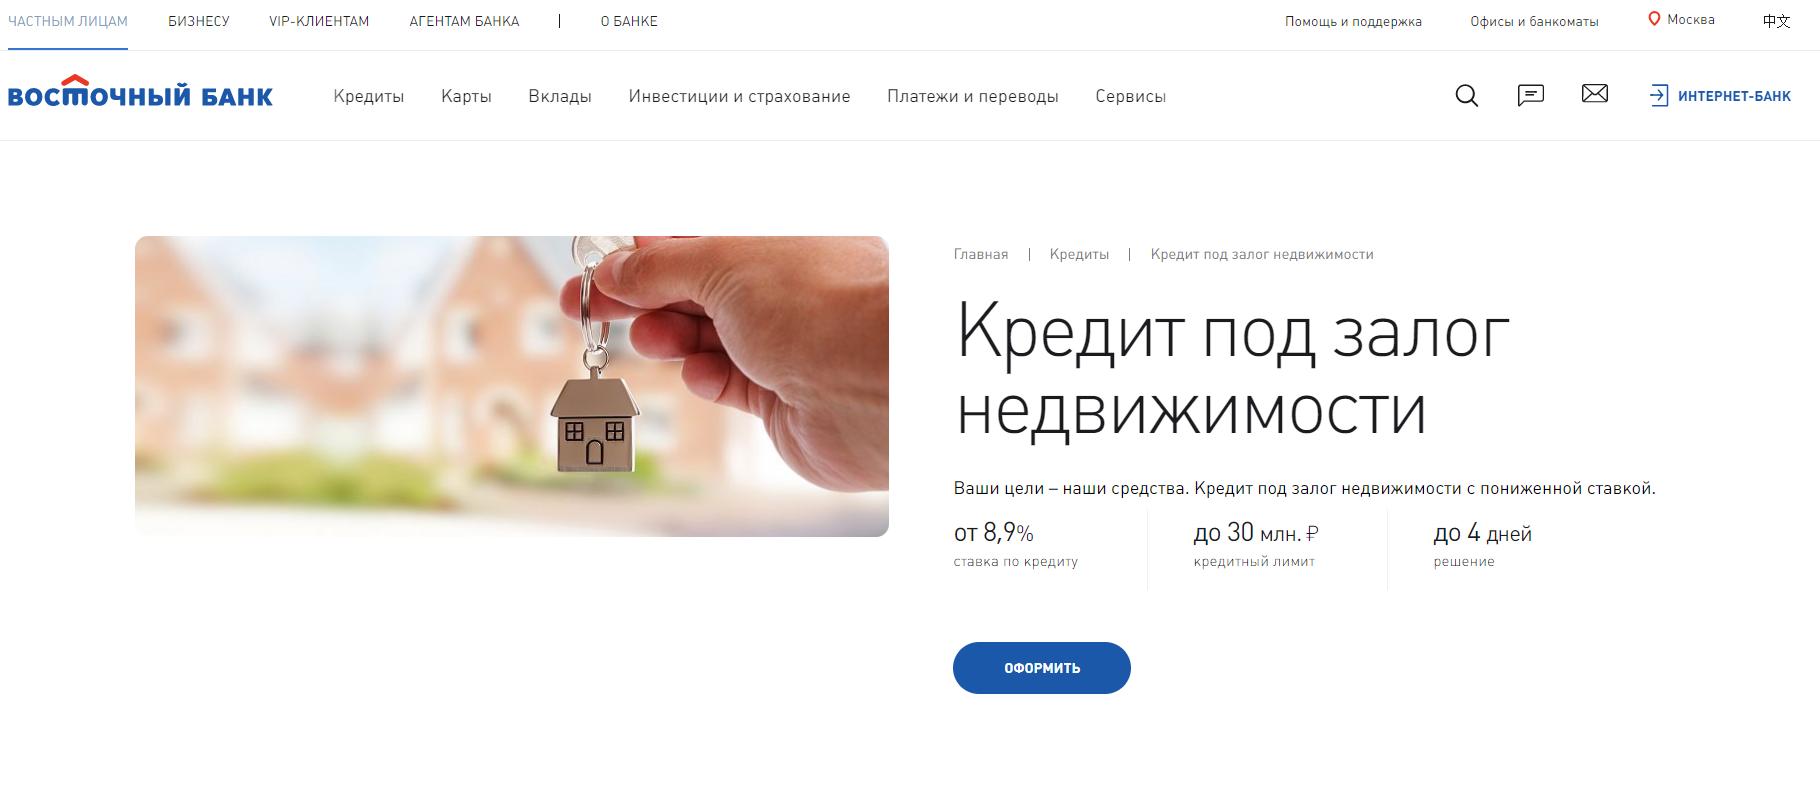 bank-vostochnyj-kredit-pod-zalog-nedvizhimosti_